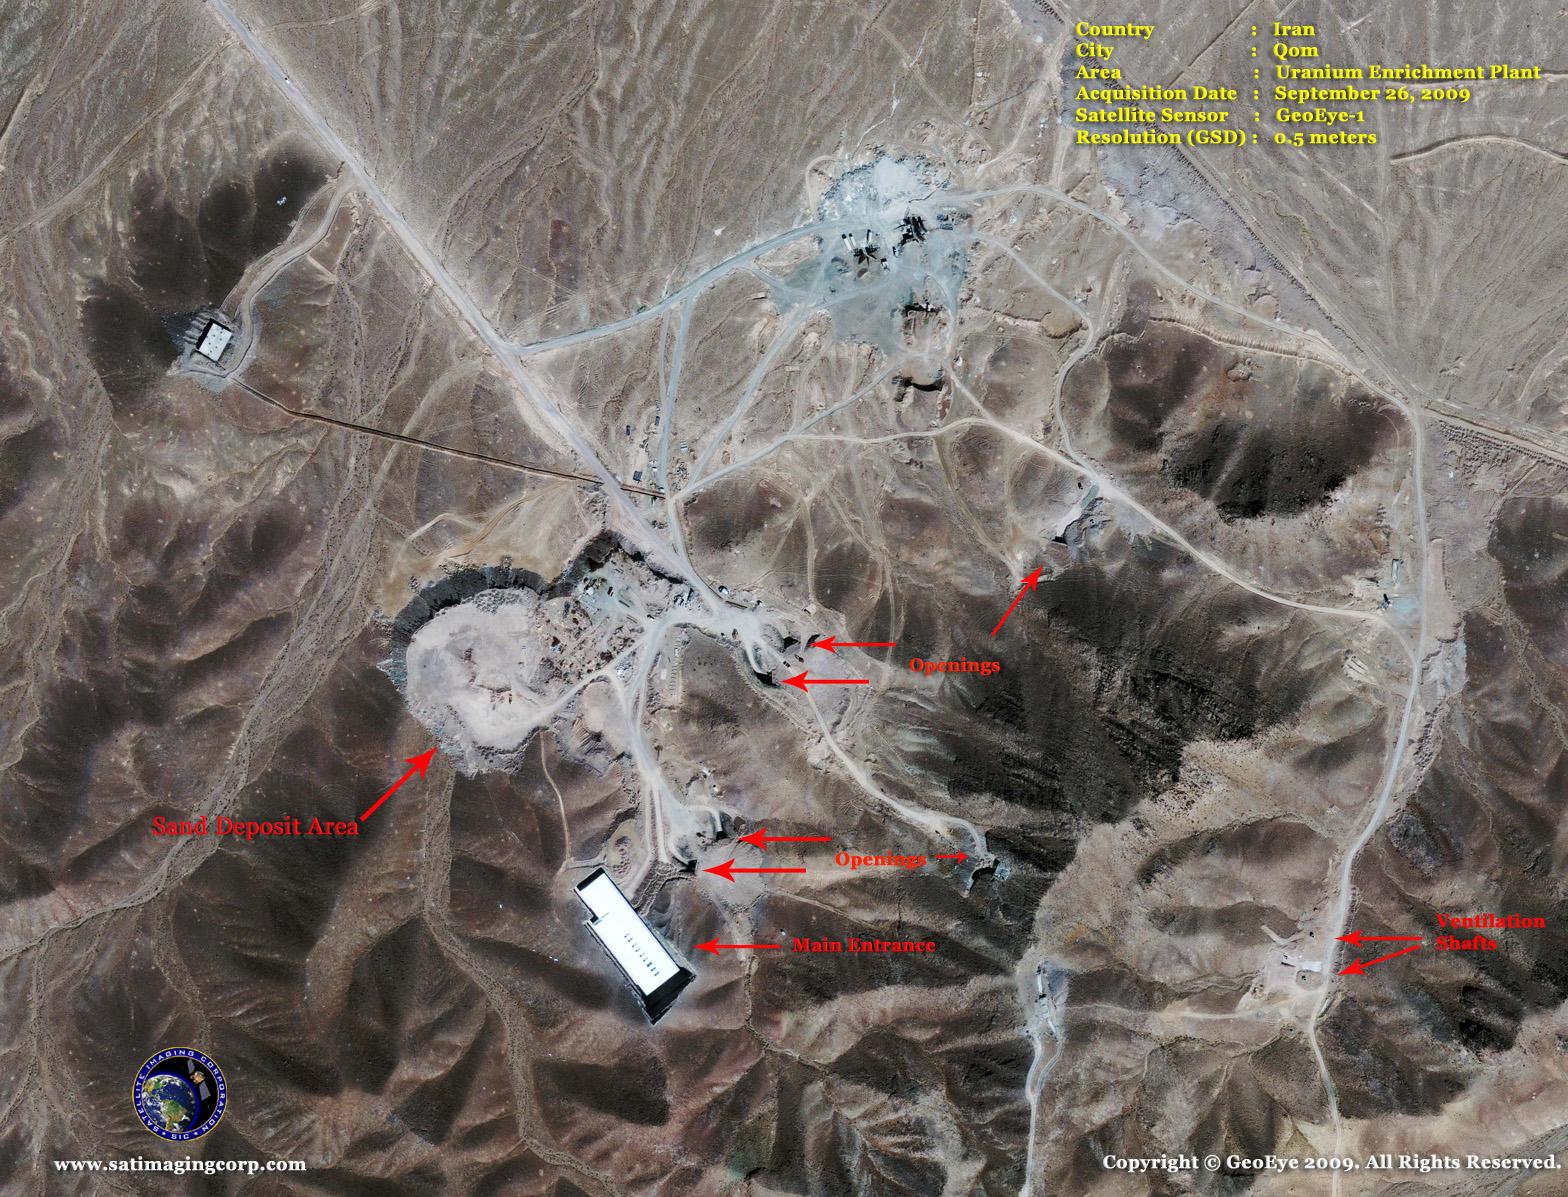 Írán je údajně připraven rozšířit svůj jaderný program o další centrifugy